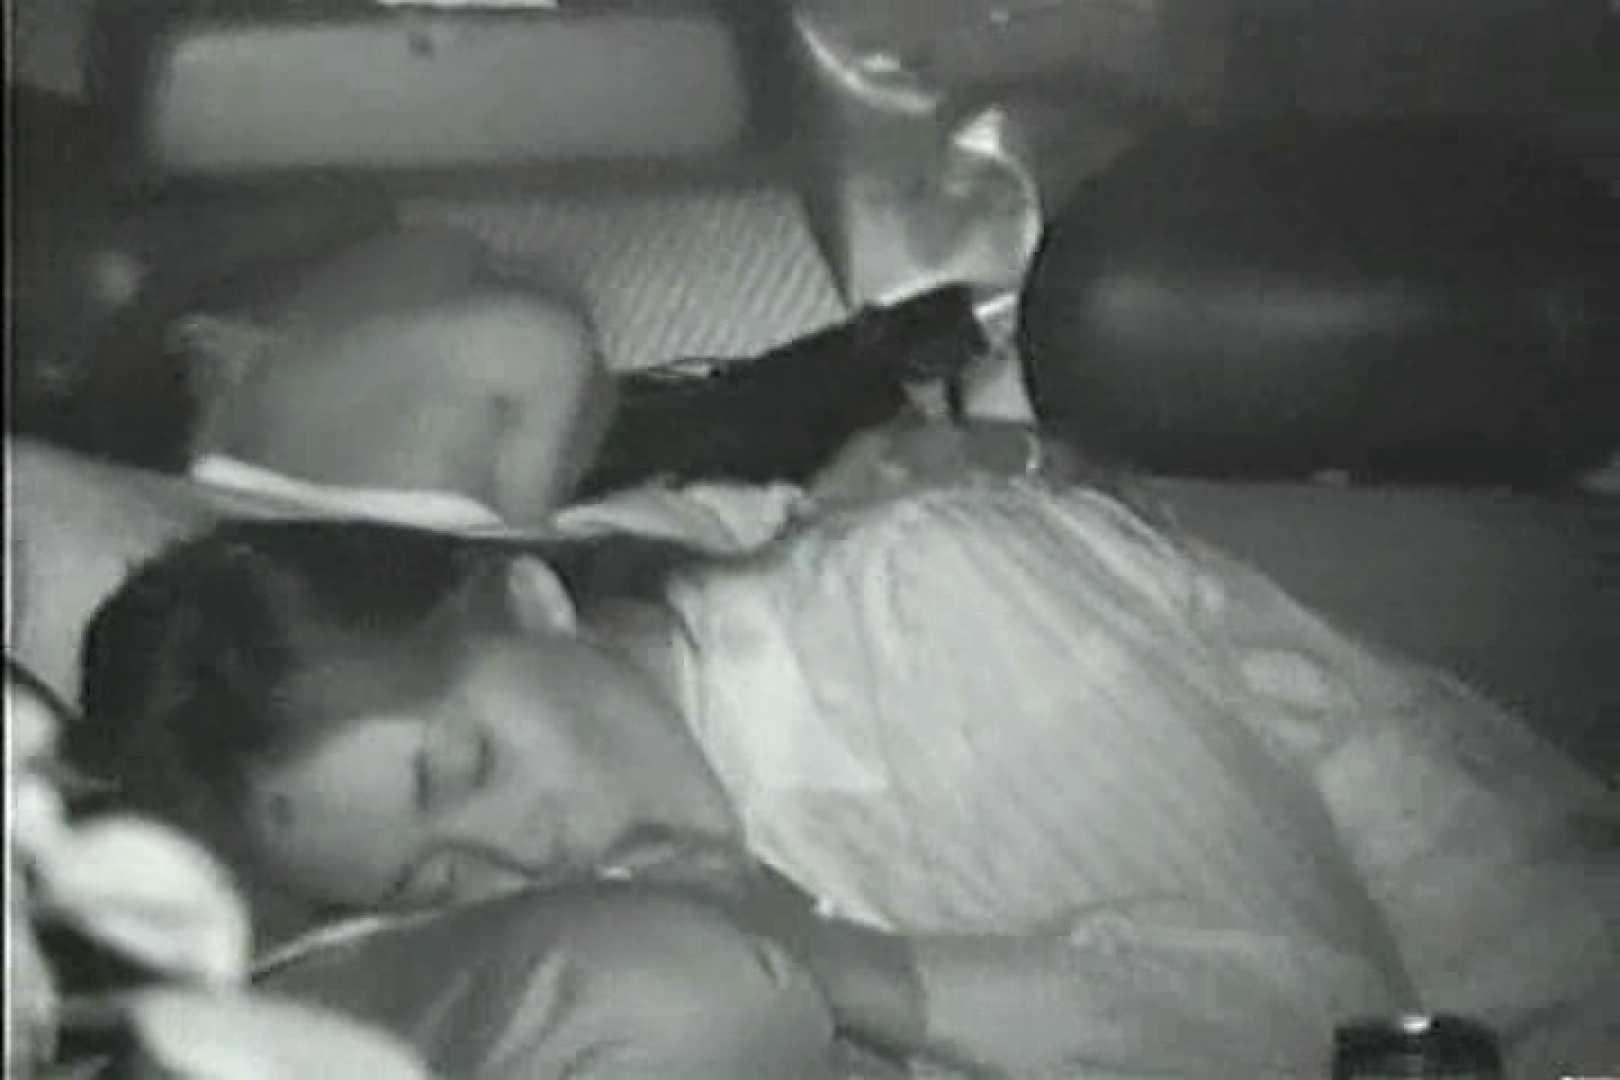 車の中はラブホテル 無修正版  Vol.9 ホテルでエッチ 盗撮オマンコ無修正動画無料 58pic 23